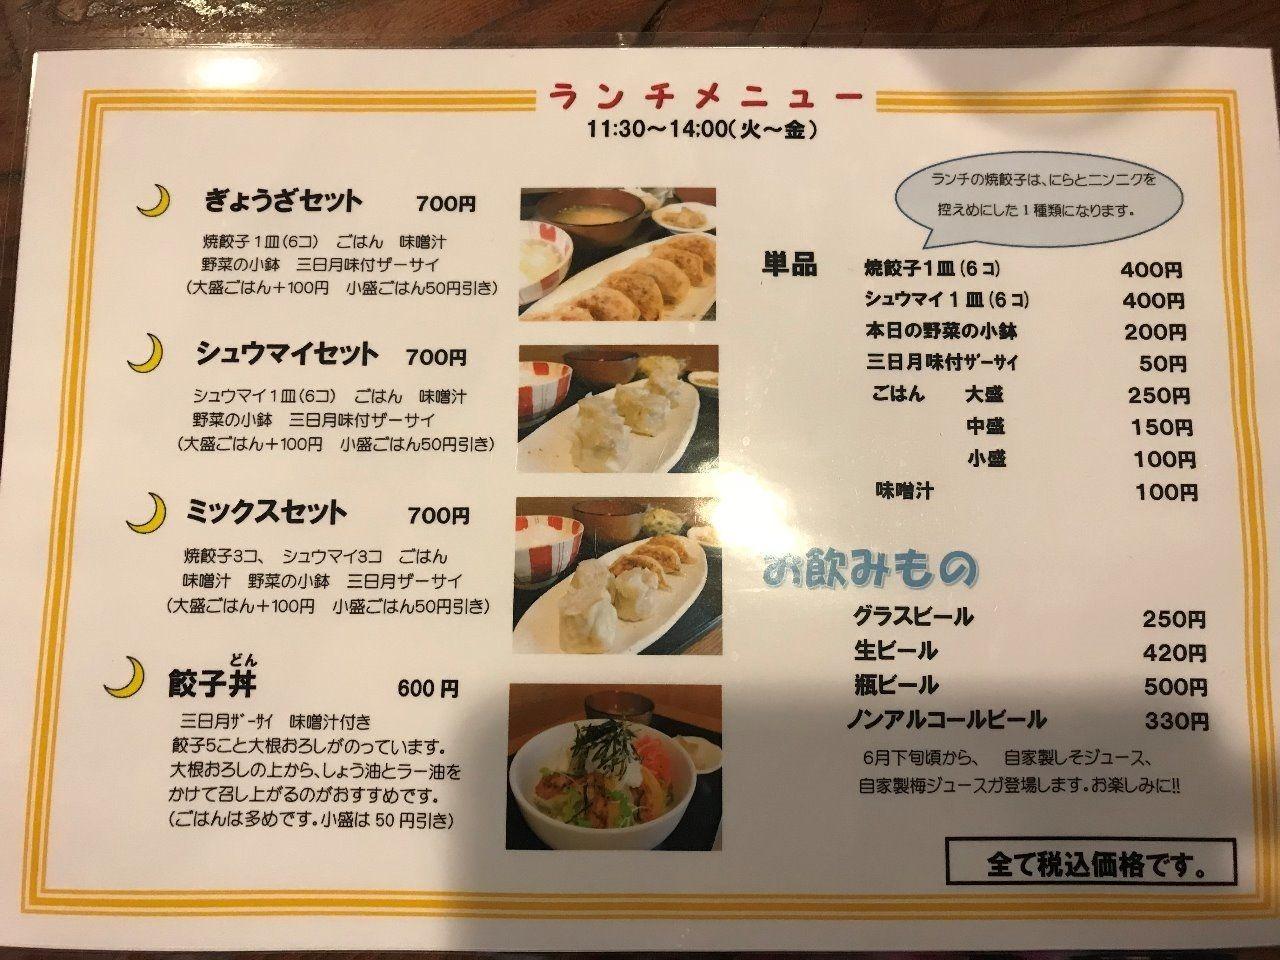 日吉駅 餃子ランチ♪